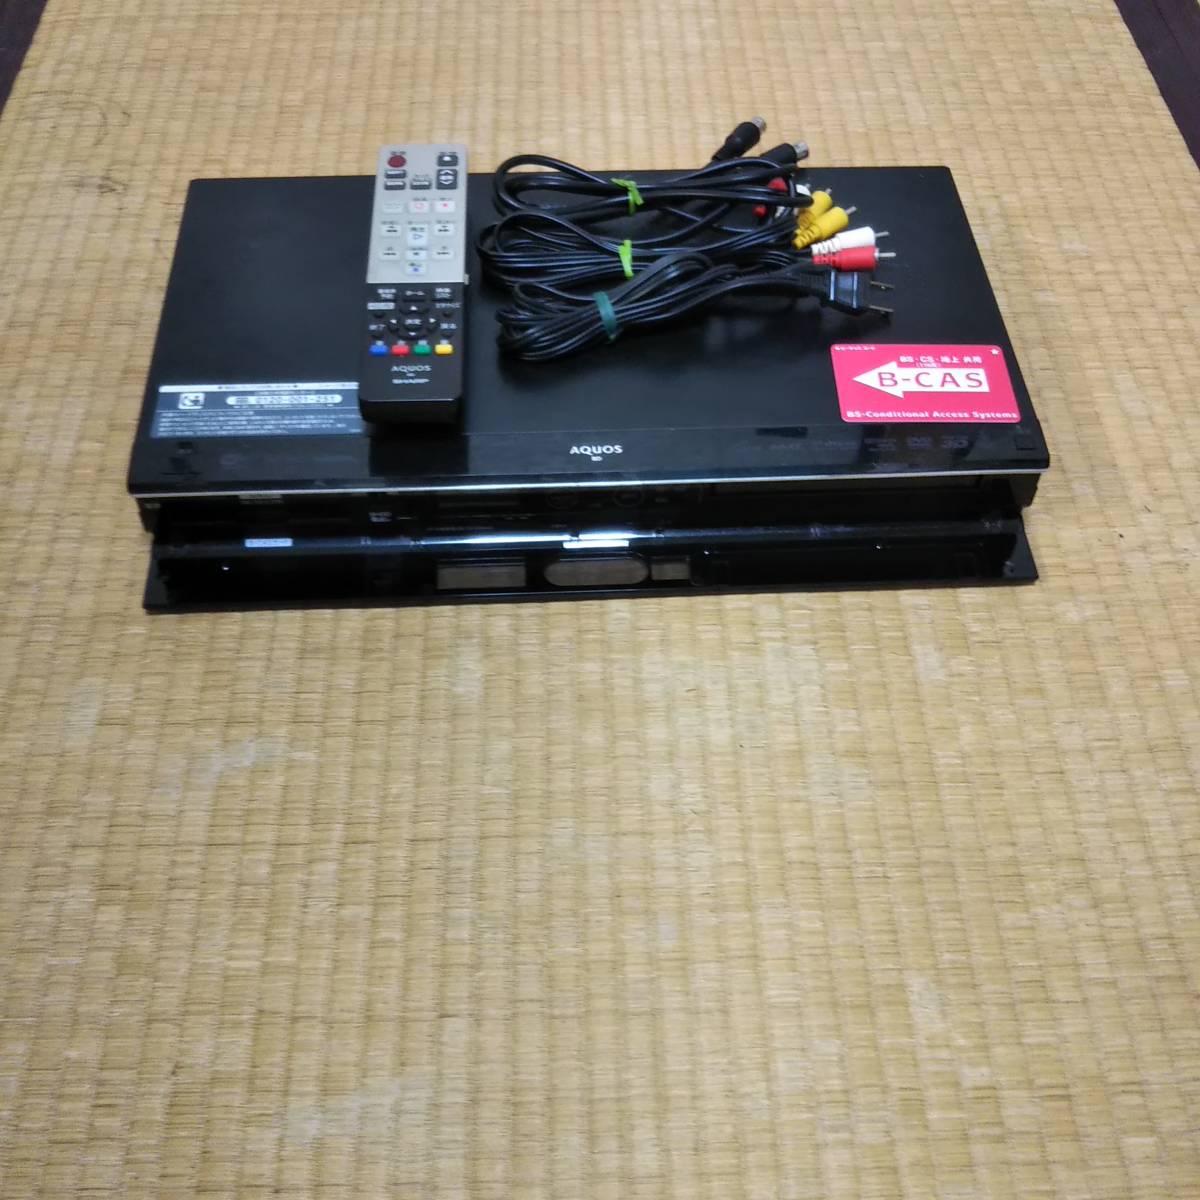 SHARP♪シャープ♪AQUOS/アクオス/BD-T510/ブルーレイレコーダー/3チューナー/500GB/HDD/再生/OK/おまけ/リモコン/ケーブル他/ジャンク_画像4